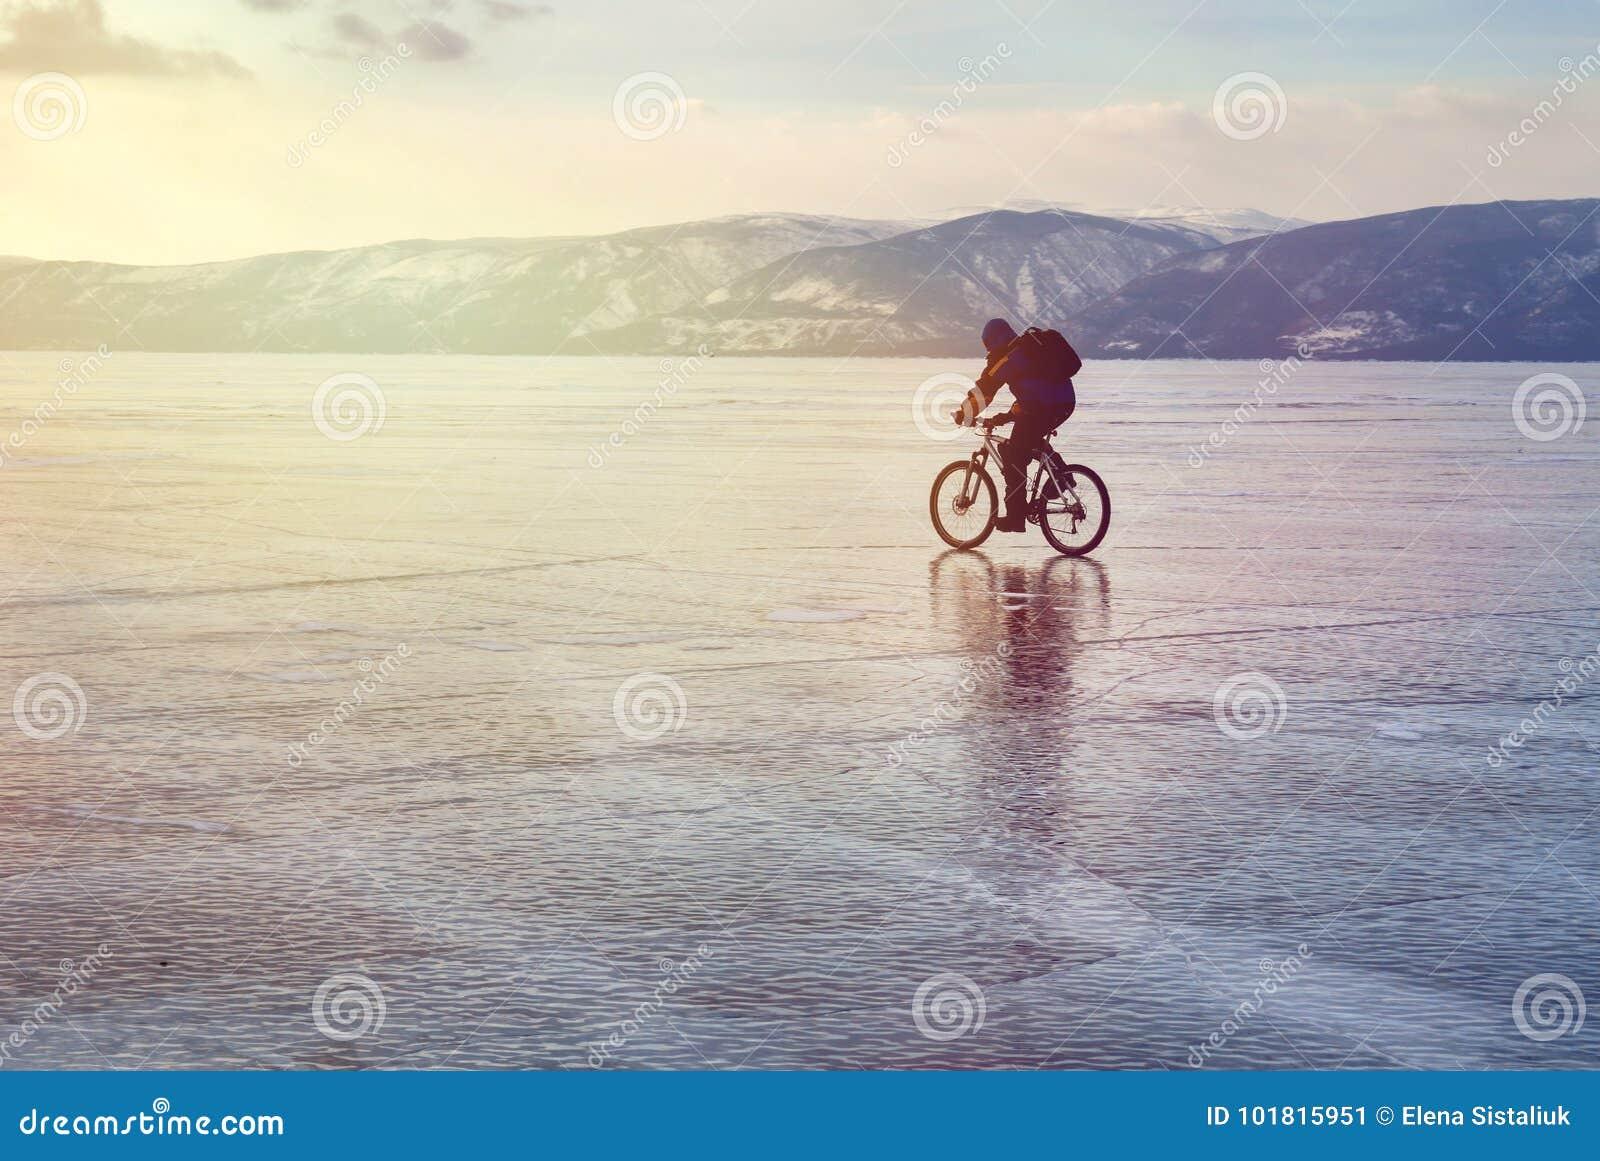 Lodowy rowerzysty podróżnik z plecakami na rowerze na lodzie Jeziorny Baikal Przeciw tłu zmierzchu niebo, lód powierzchnia sport